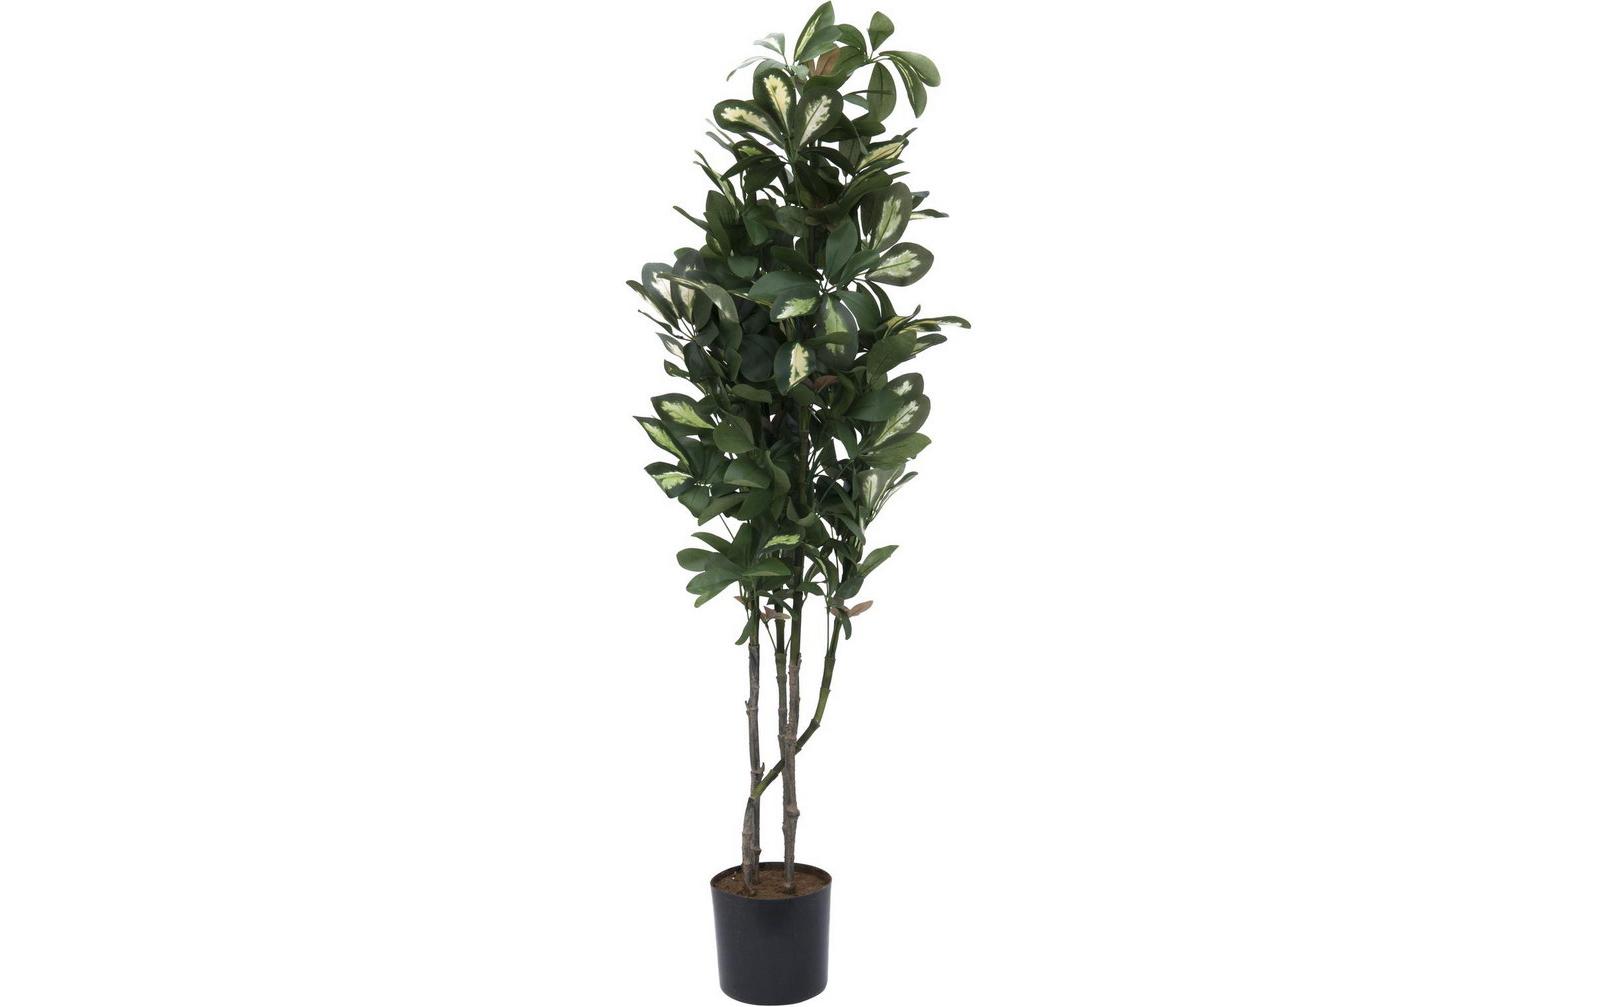 europalms-schefflera-90cm-kunststoffpflanze